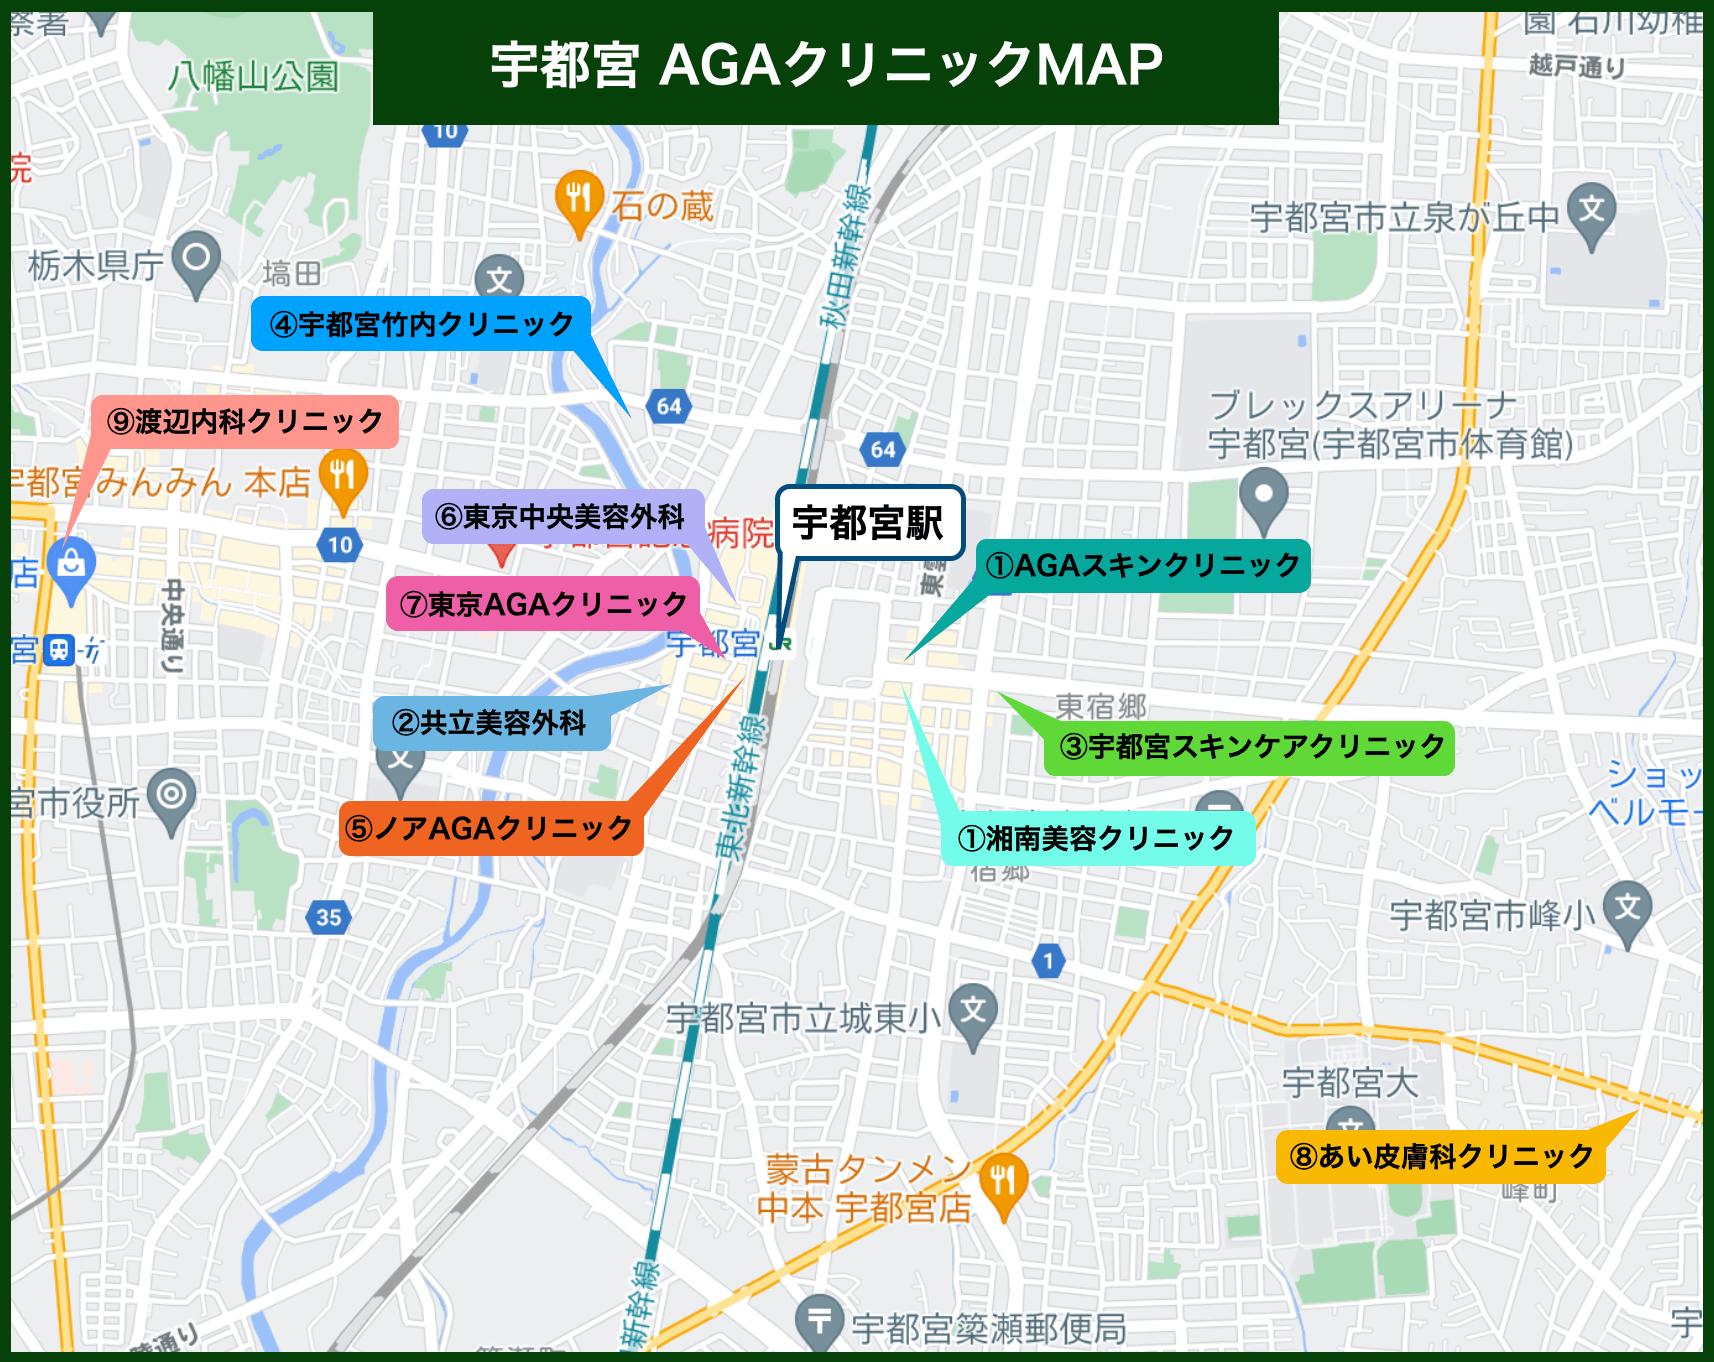 宇都宮 AGAクリニックMAP